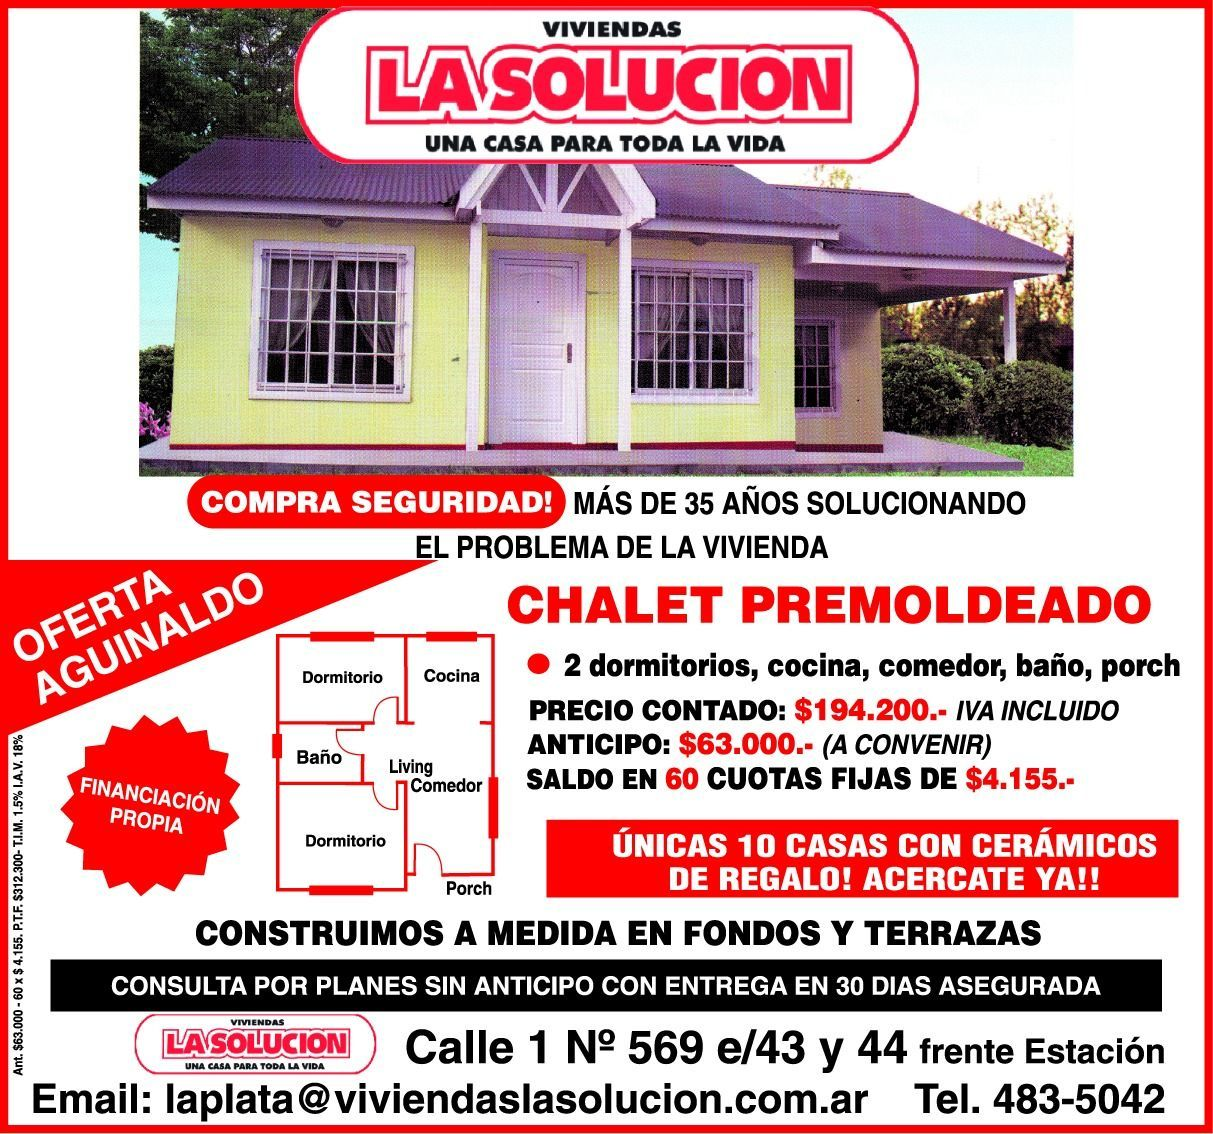 La solución: una casa para toda la vida